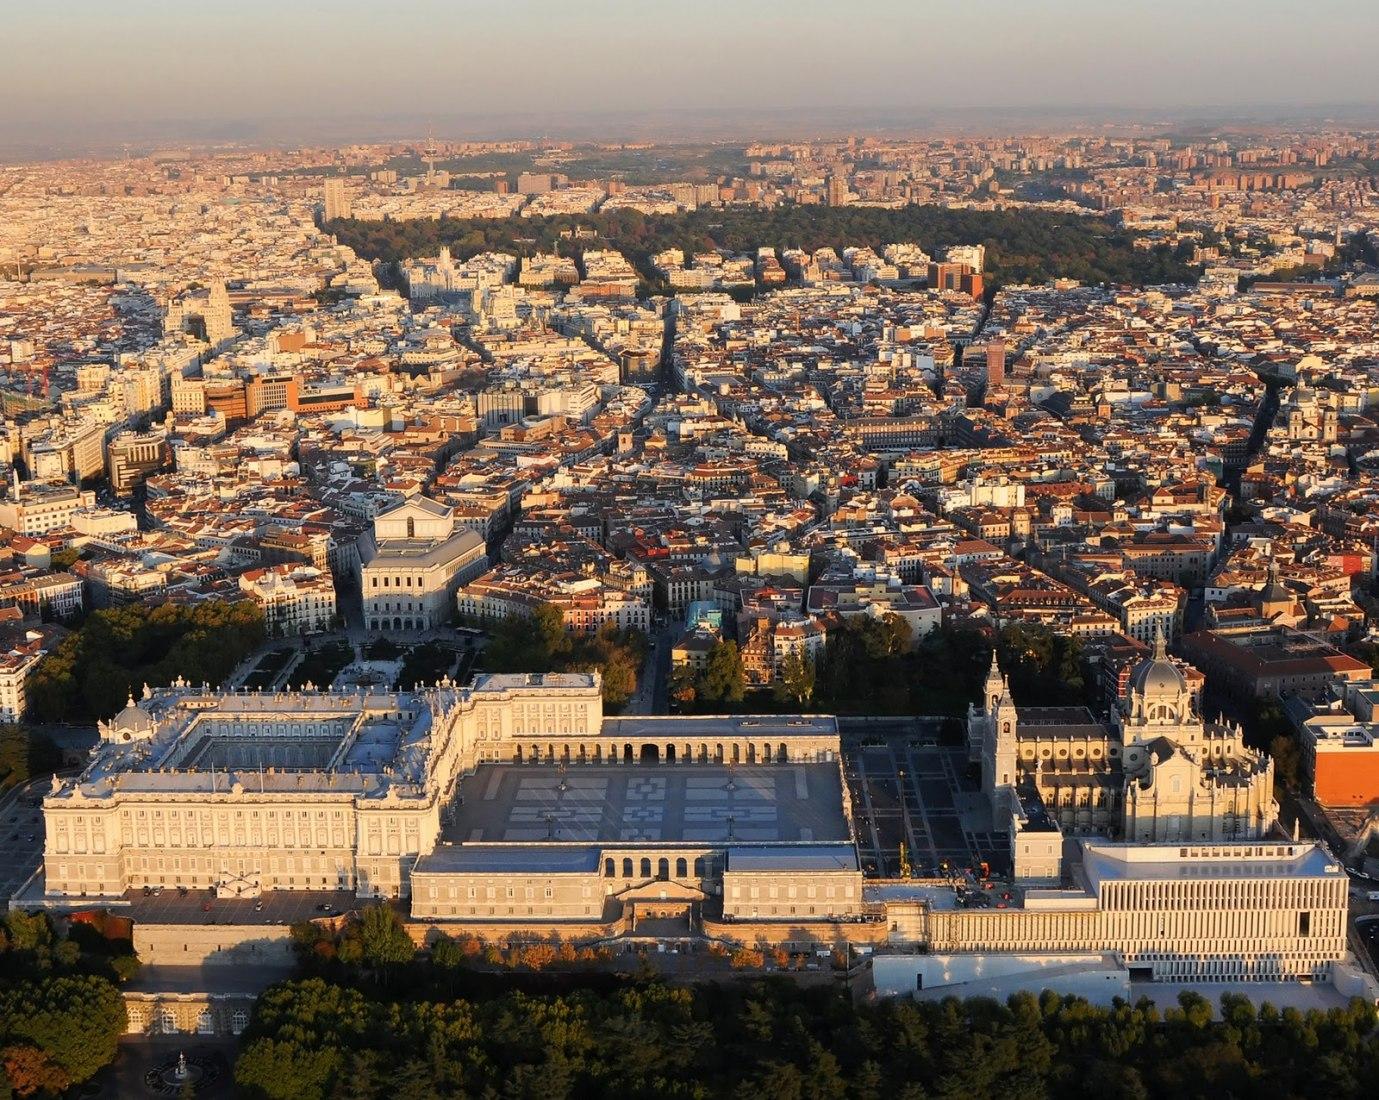 Vista general del Museo de las colecciones reals, imagen cortesía de Mansilla + Tuñón Arquitectos.